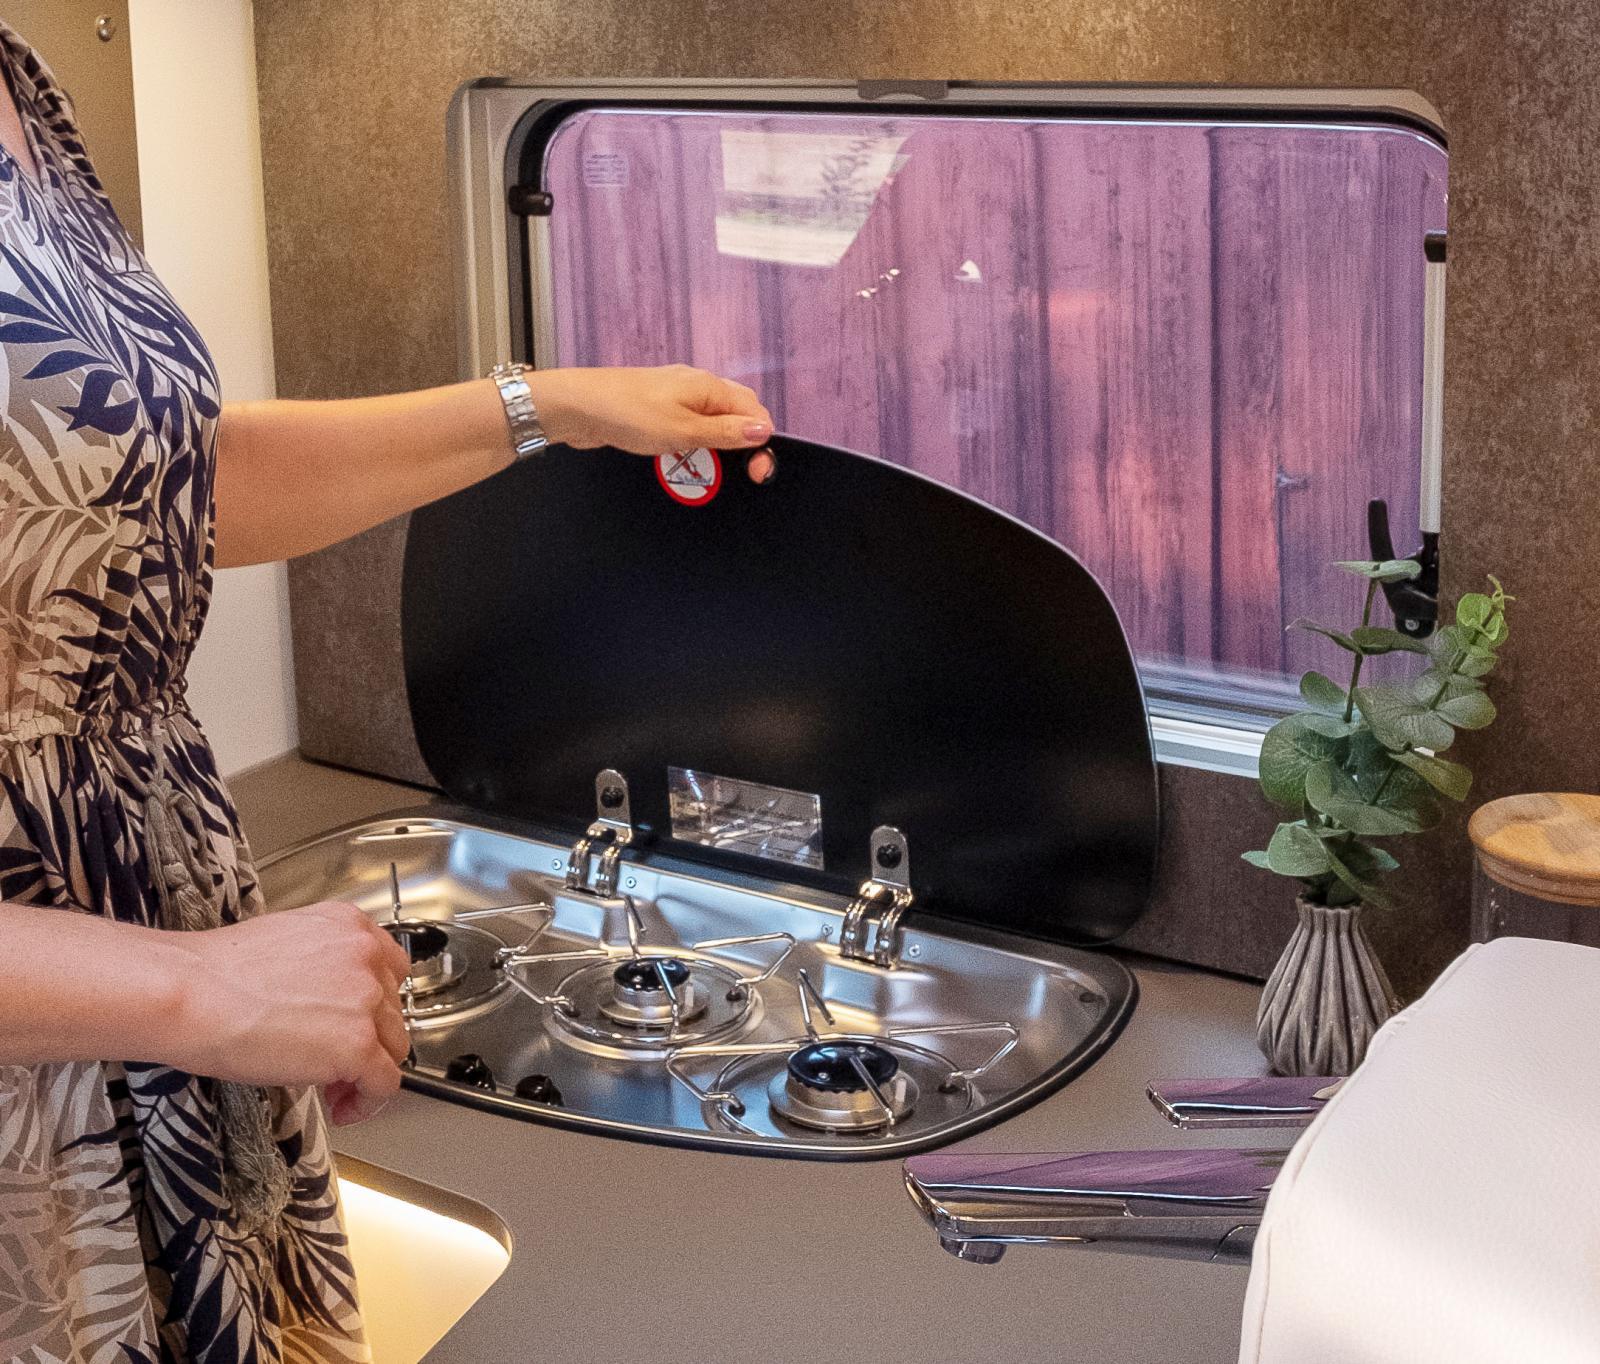 Täckglas på spisen och och täckskiva till diskhon ökar kökets flexibilitet.